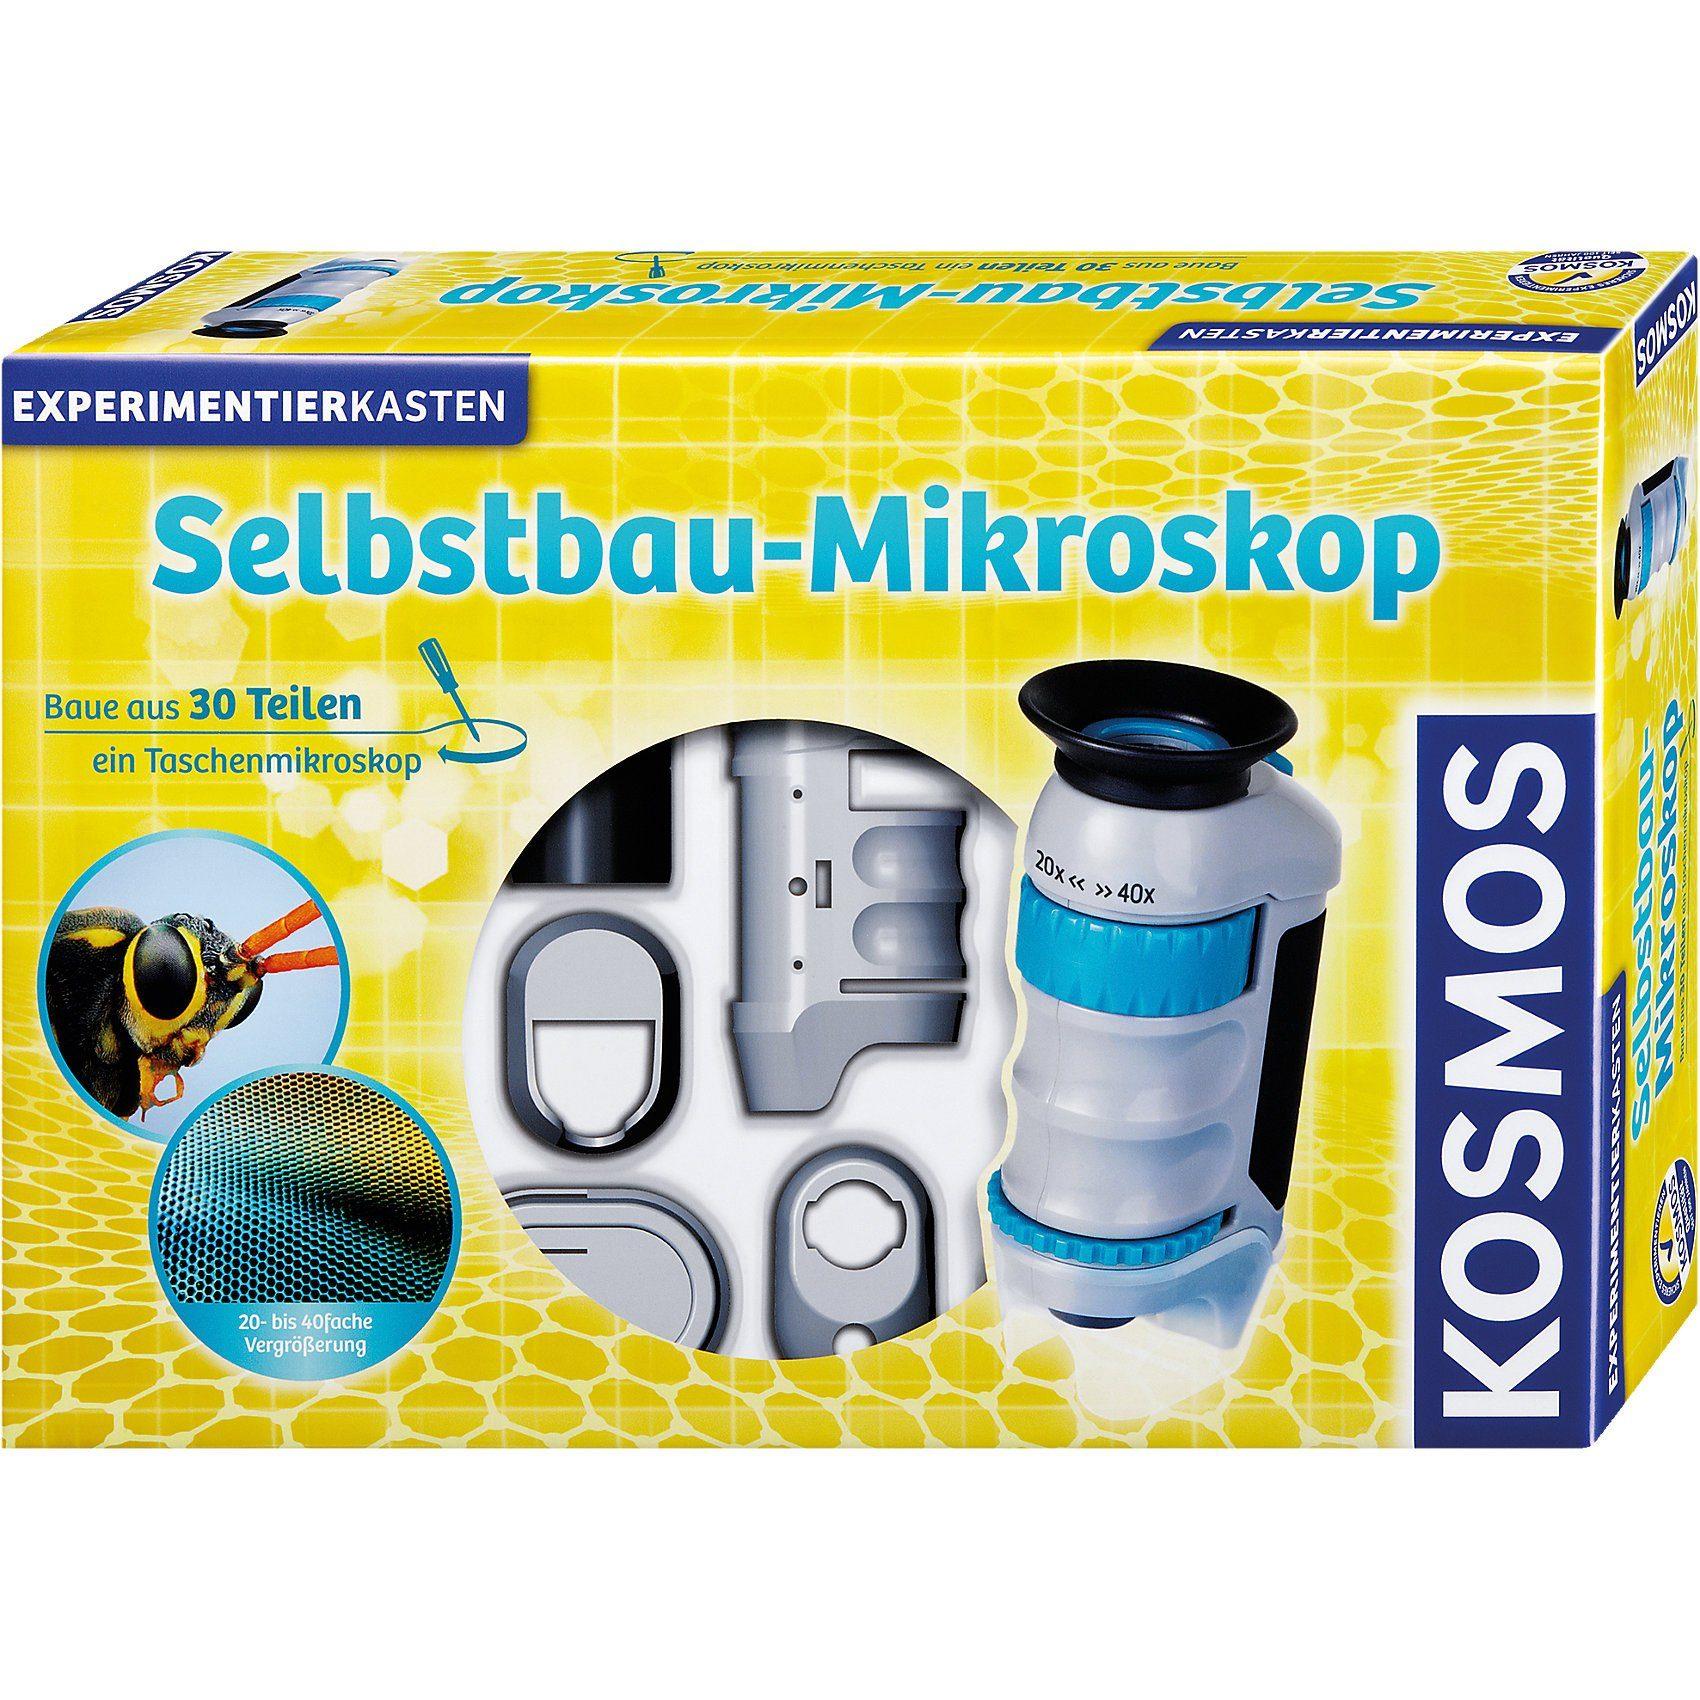 Kosmos Experimentierkasten Selbstbau-Mikroskop